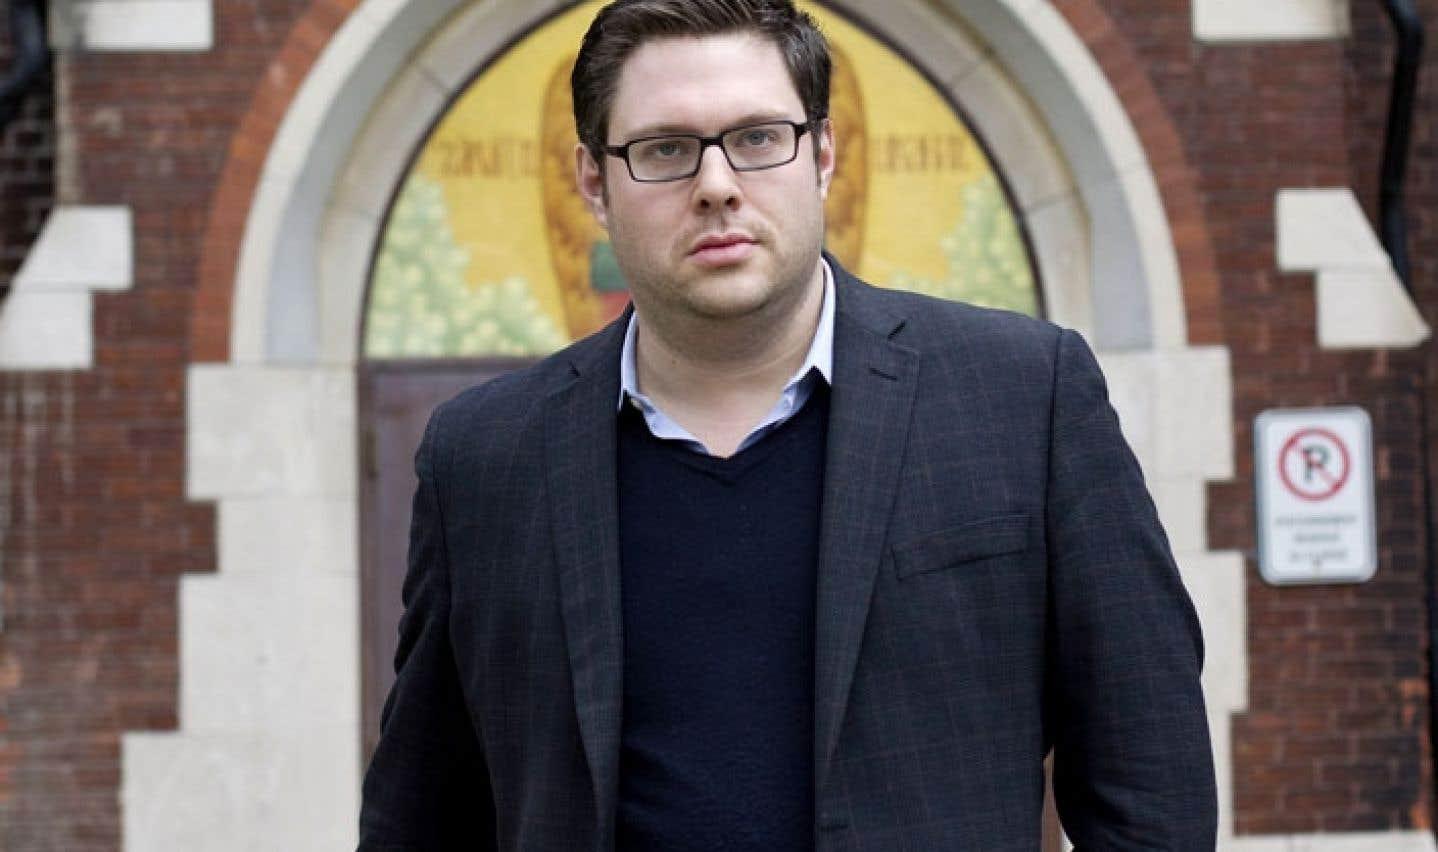 Mathieu Bock-Côté, le conservateur républicain